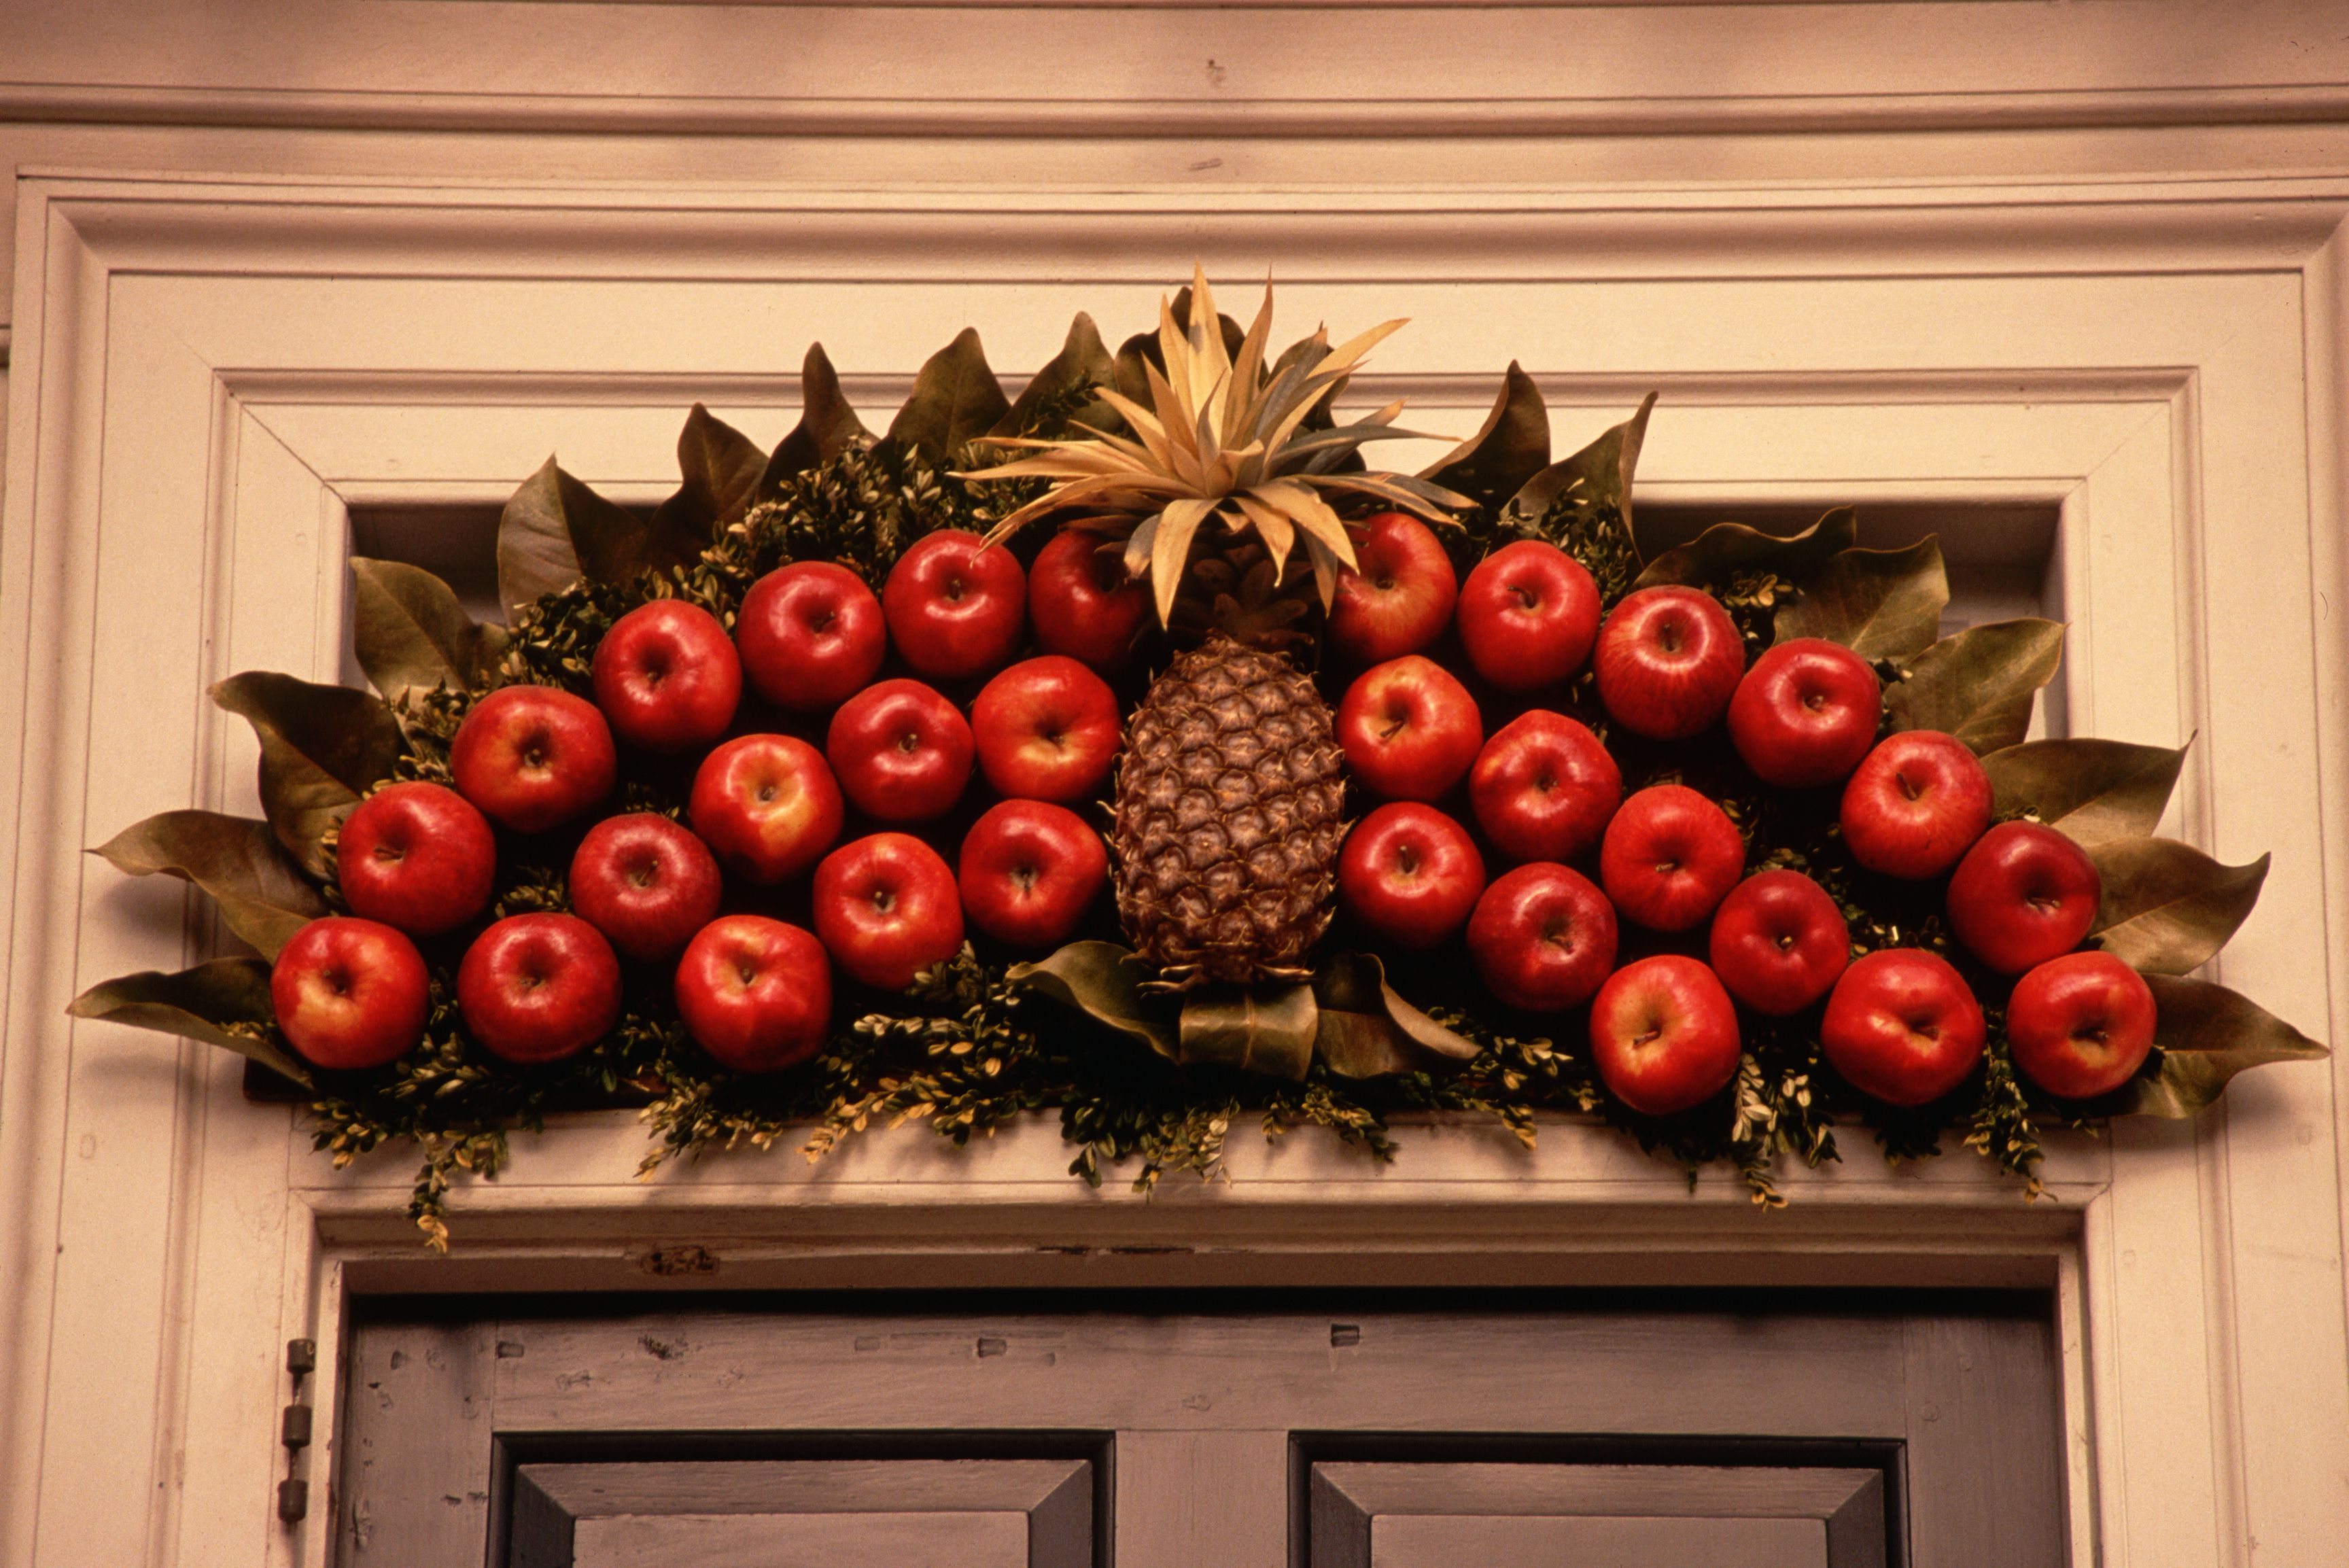 Новогоднее украшение двери фруктами